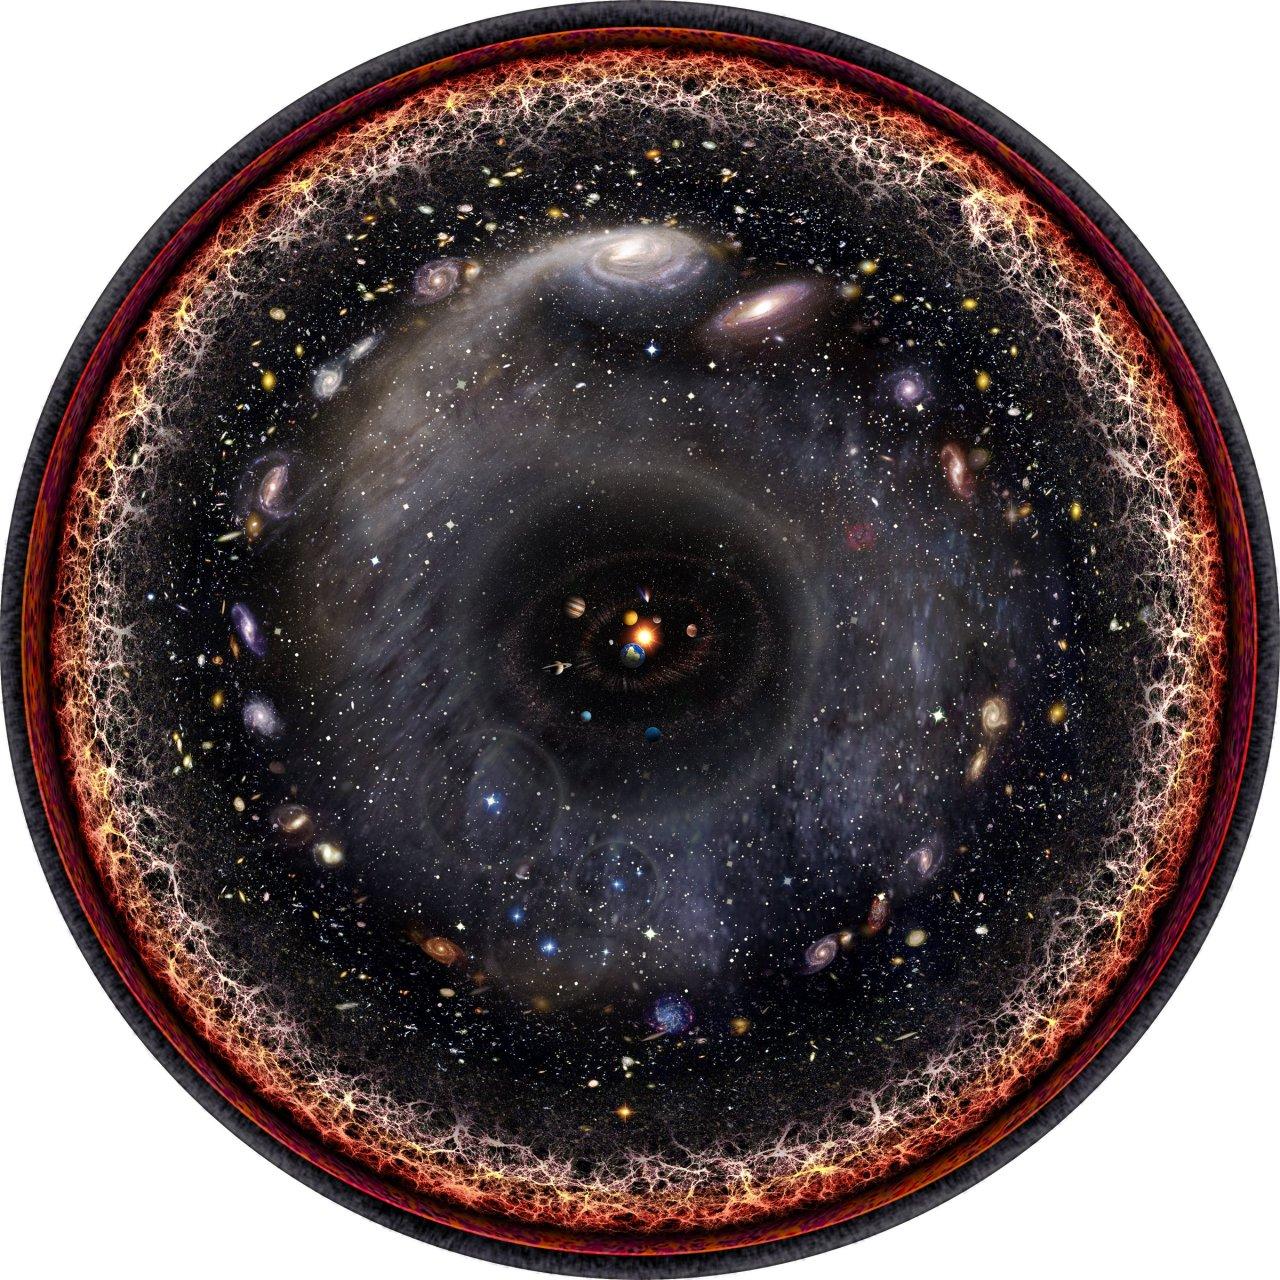 Όλο το Σύμπαν σε μίαεικόνα